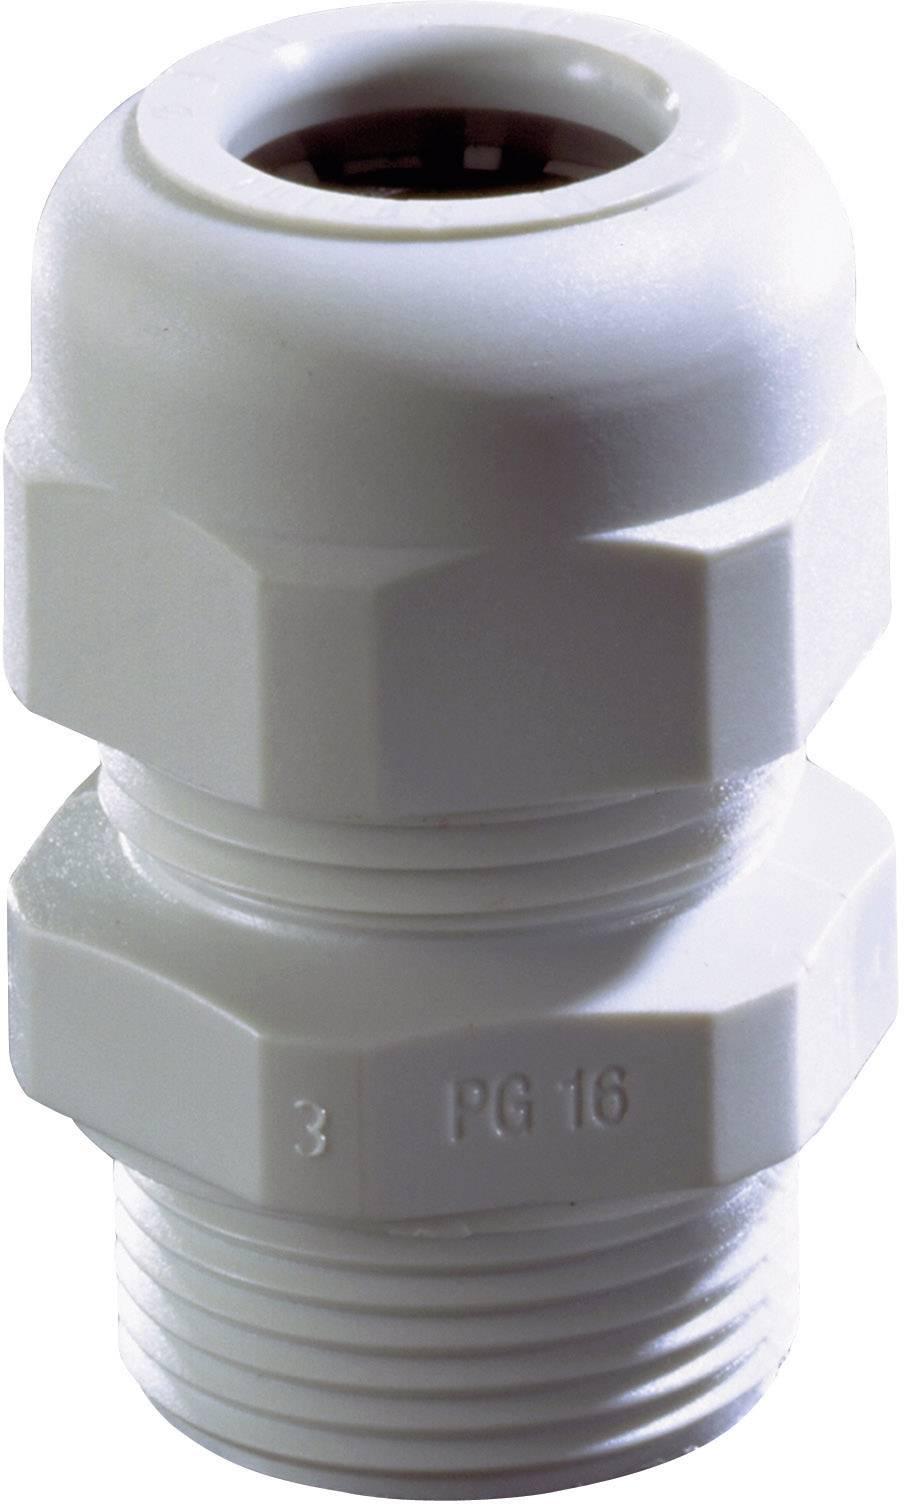 Káblová priechodka Wiska SKV PG 48 RAL 7035, polyamid, sivá, 1 ks